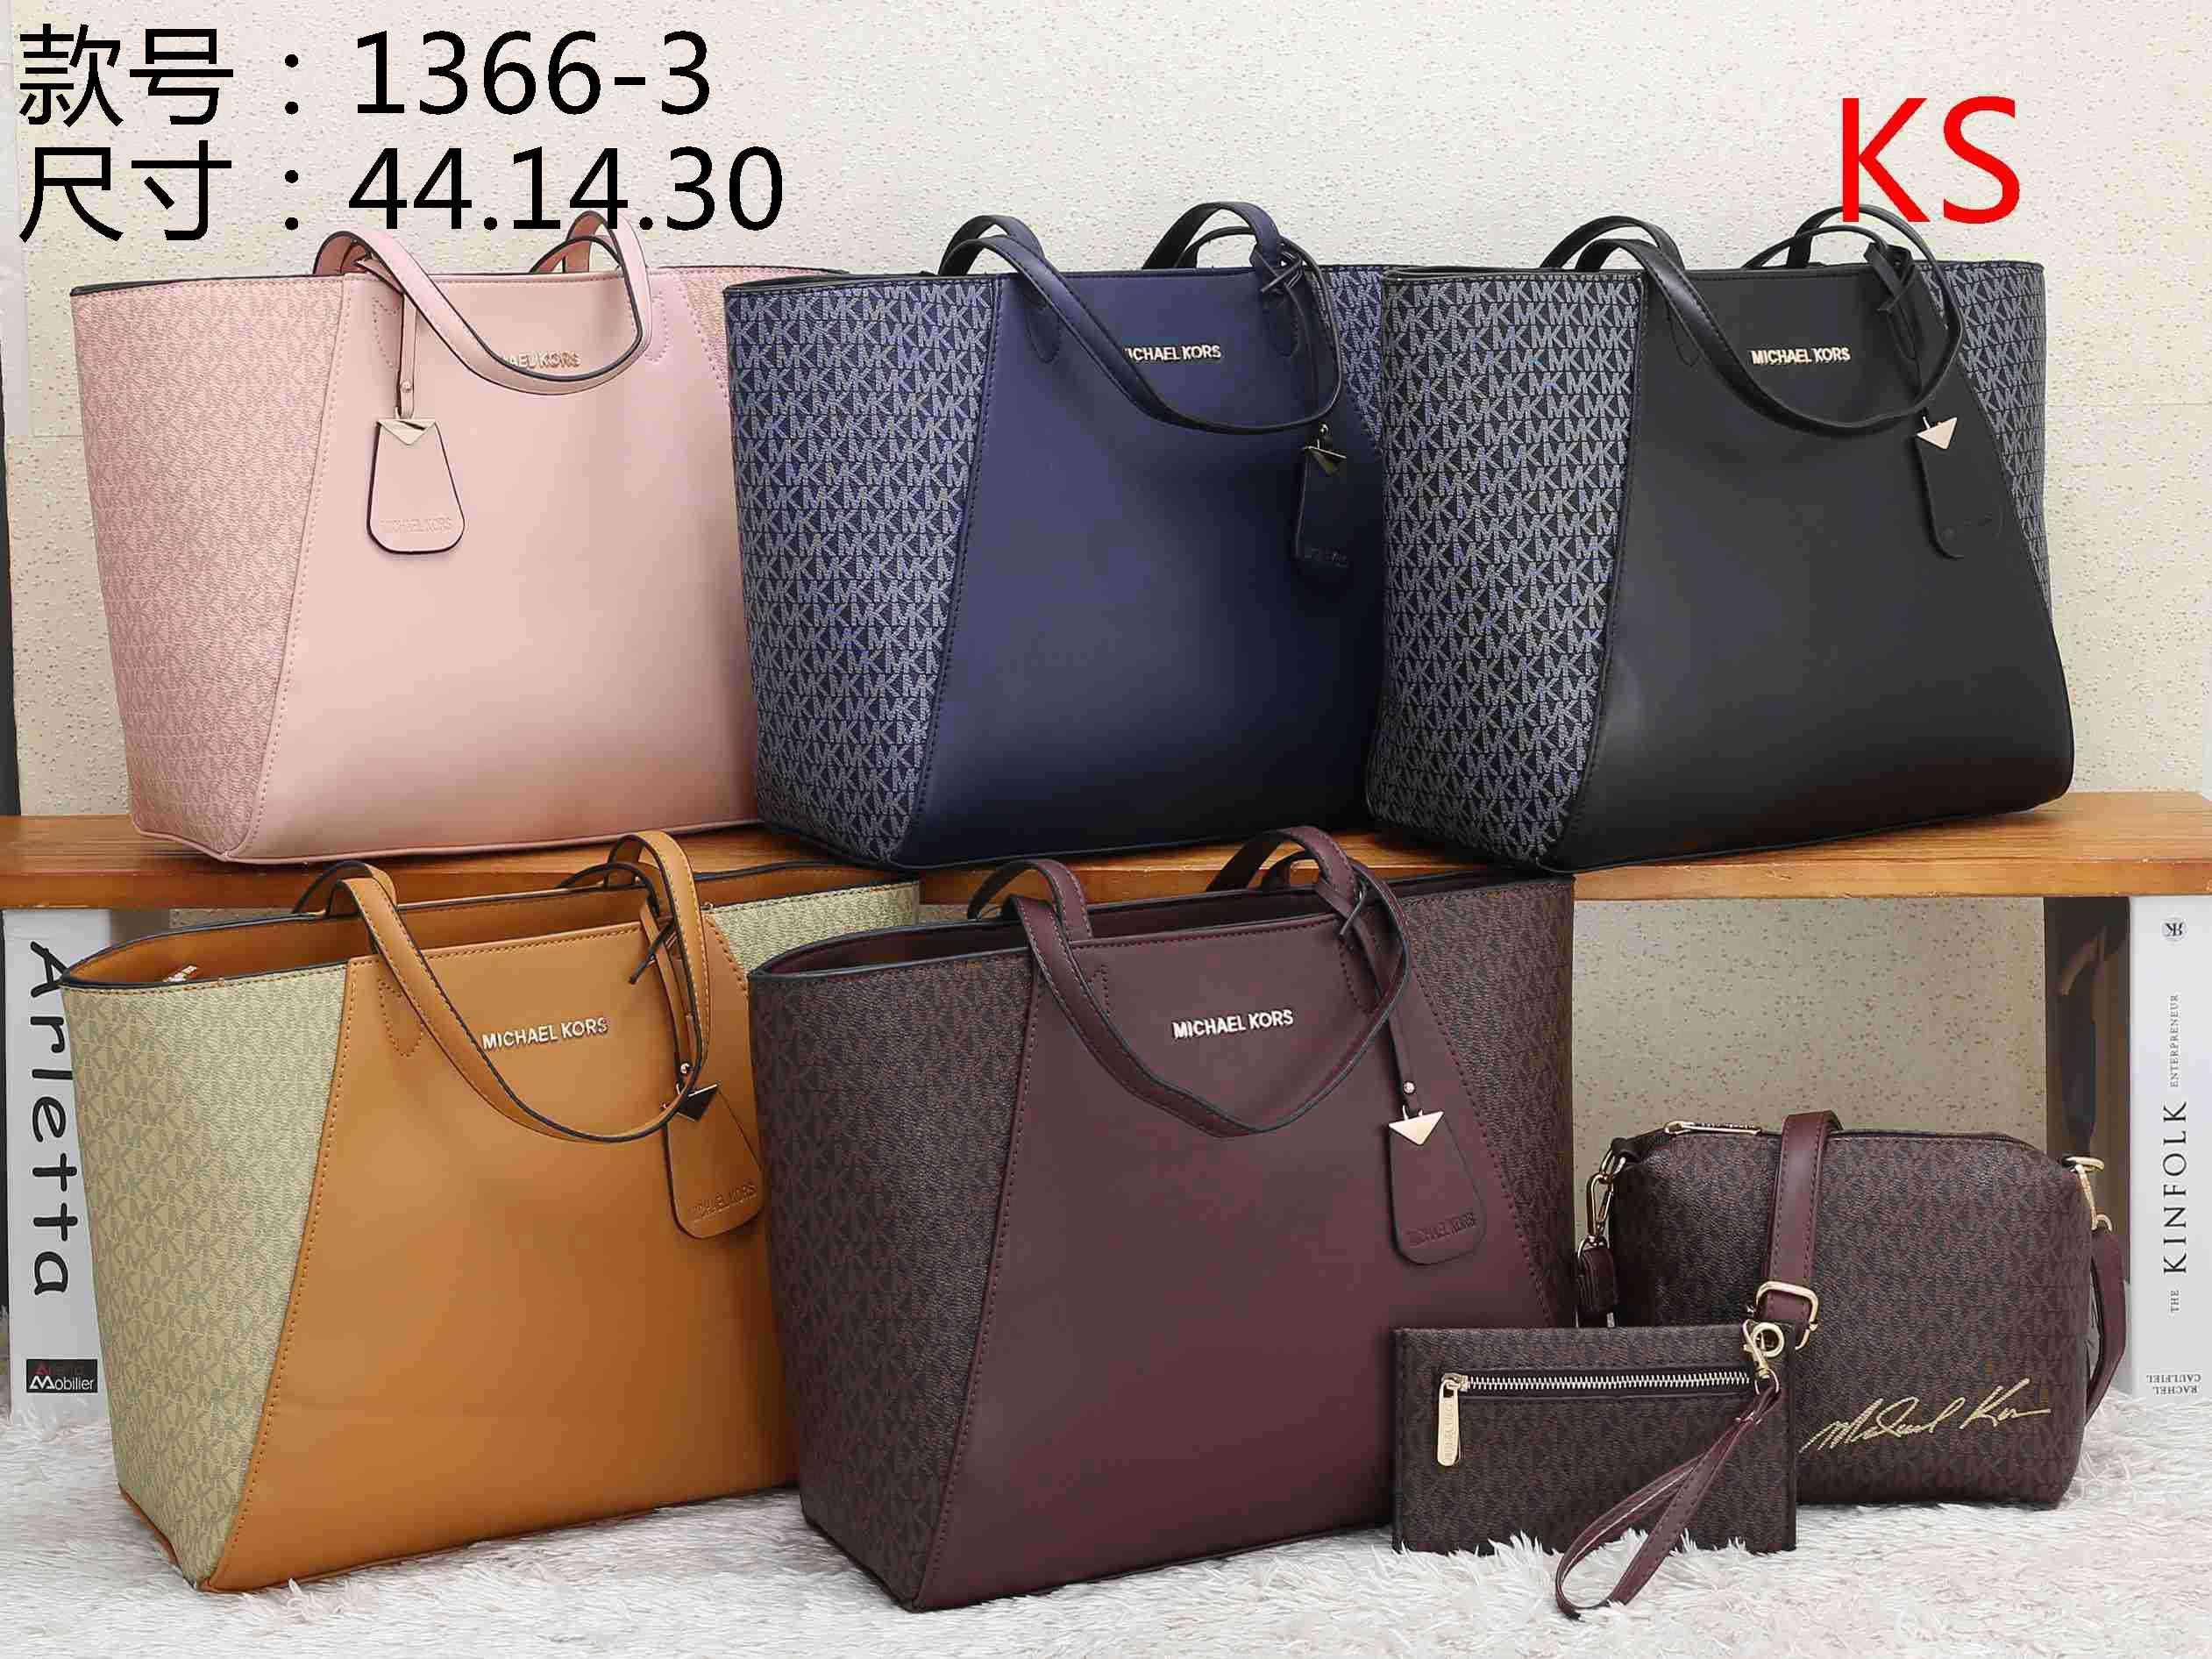 KS 1366-3 Meilleur prix élevé des femmes de qualité dames sac à main fourre-tout unique portefeuille de bourse de sac à dos d'épaule